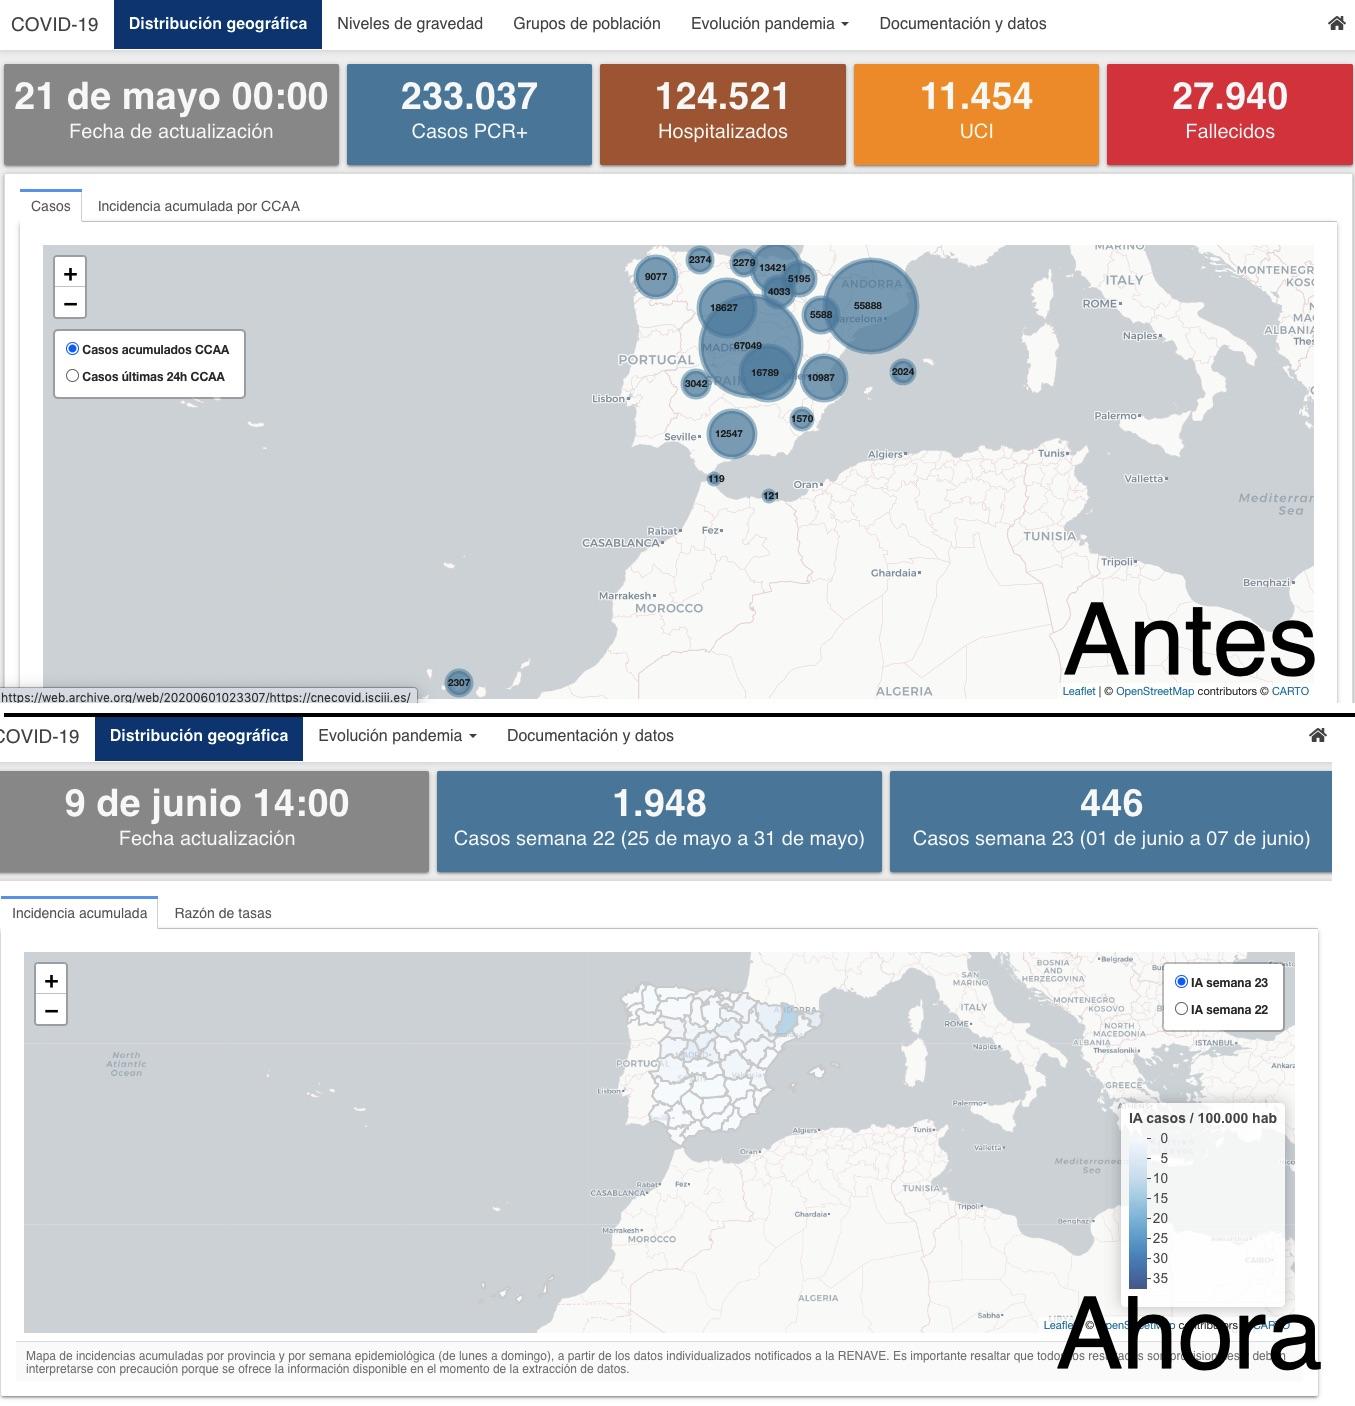 Apagón informativo en Sanidad: deja de publicar el informe semanal del contagio en los sanitarios